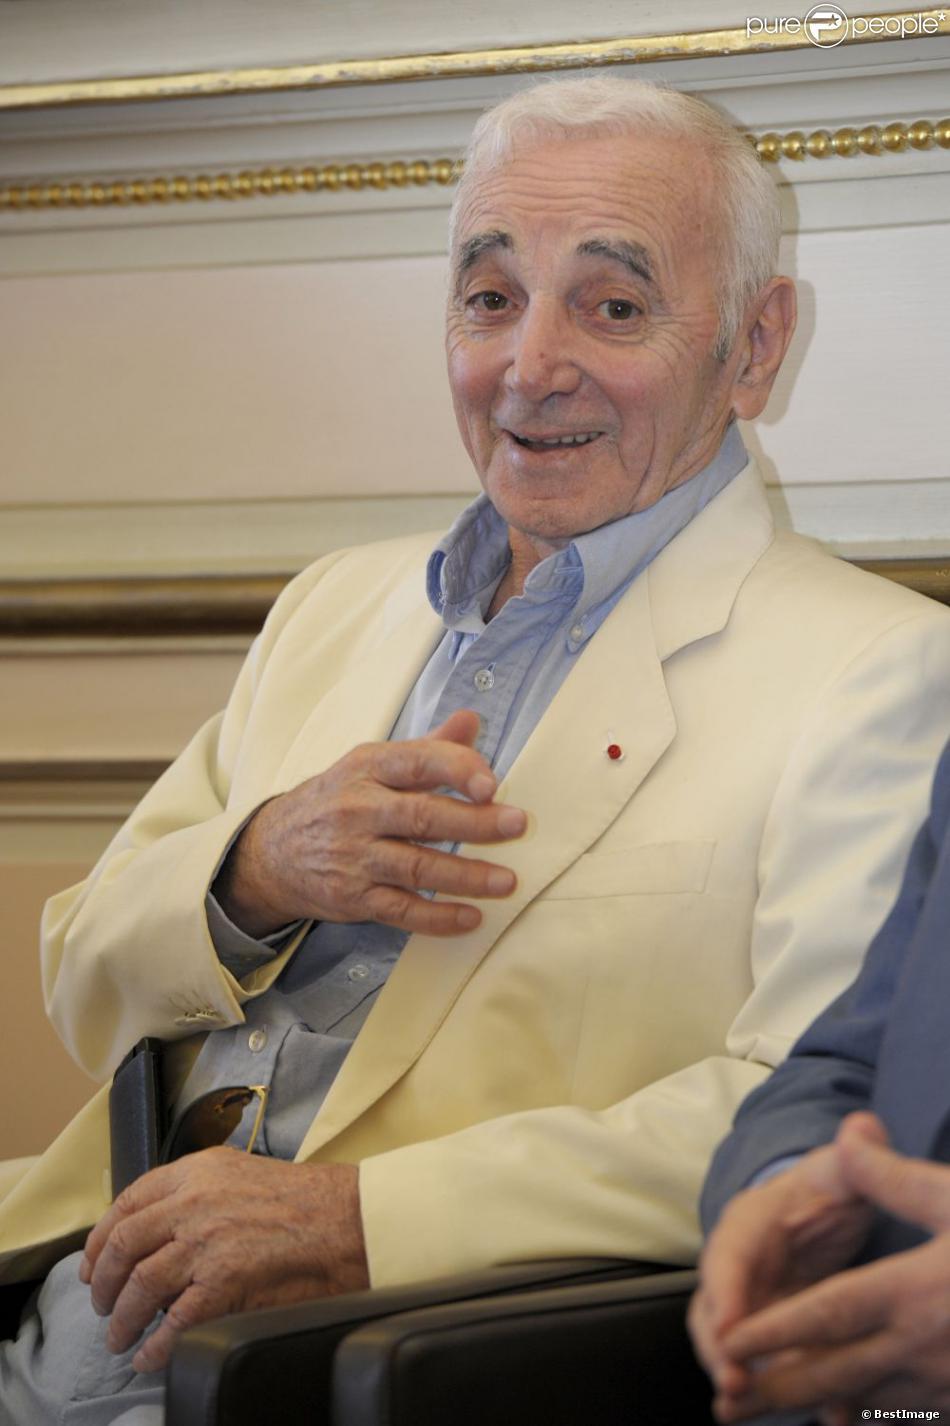 Charles Aznavour reçoit la médaille de citoyen d'honneur de Marseille par Jean-Claude Gaudin, maire de la ville. Le 21 juin 2013.